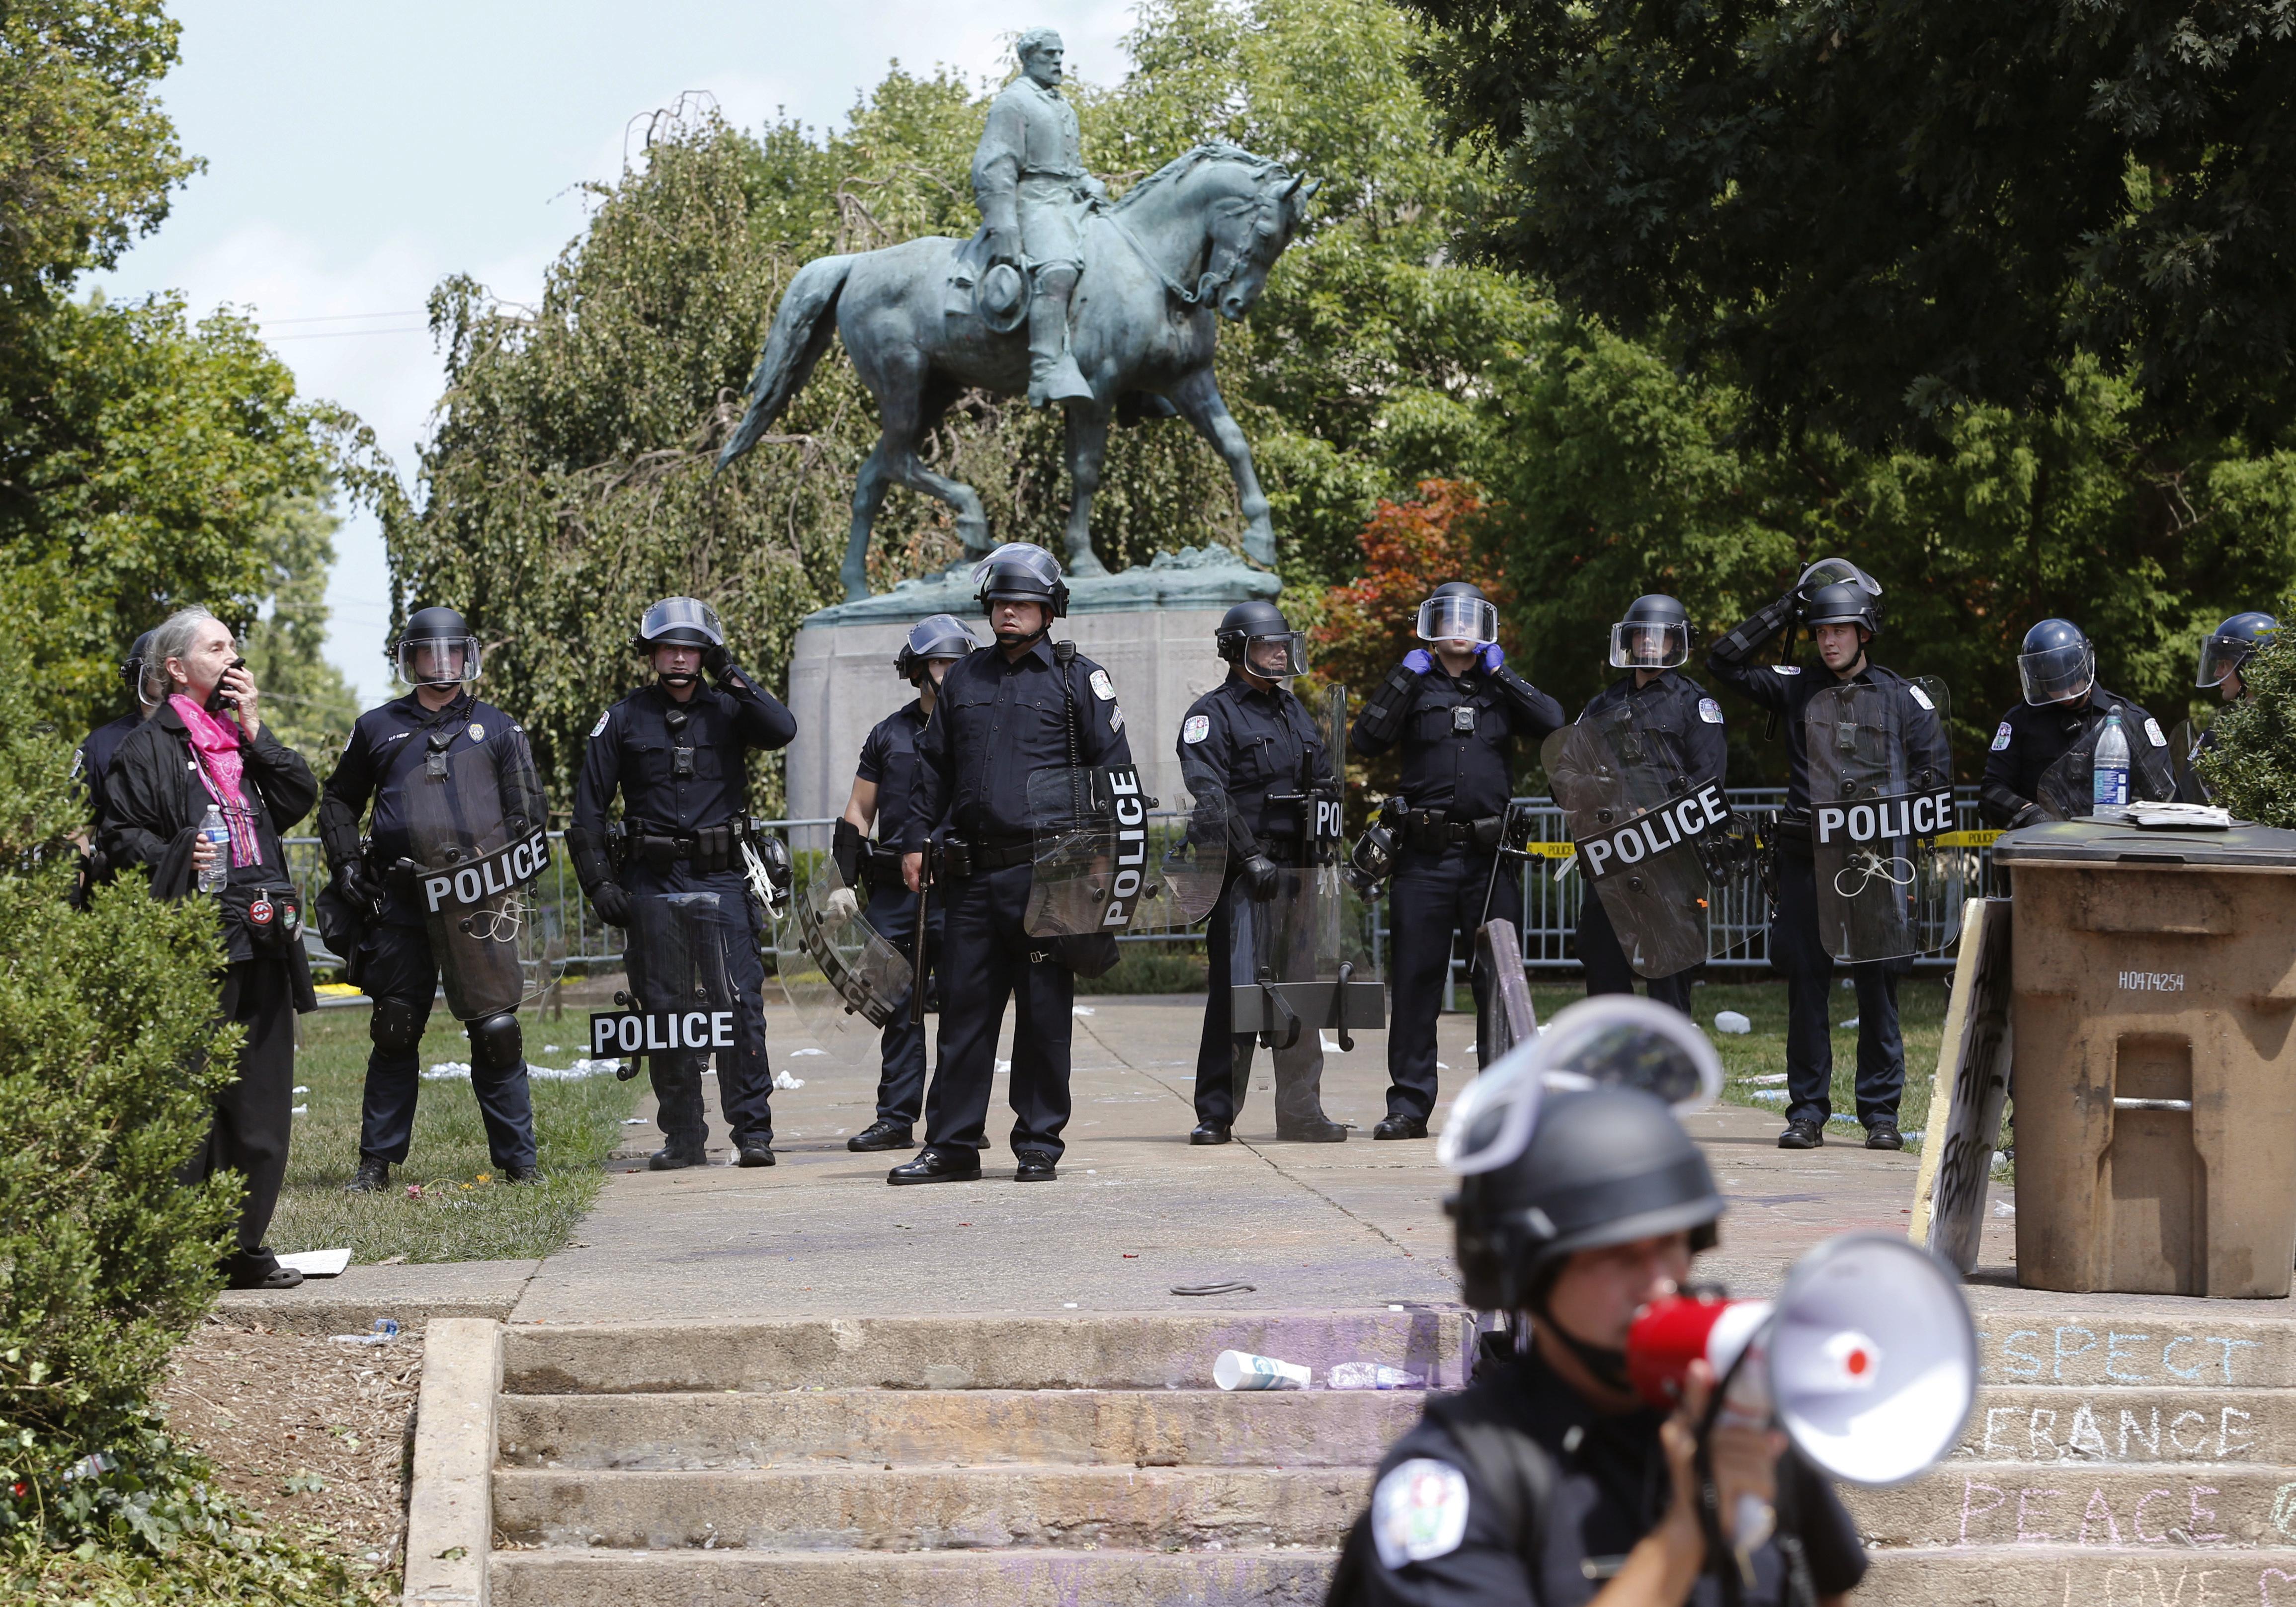 維州警方12日圍繞在夏洛茲維爾市 (Charlottesville) 的白人主義象徵李將軍 (Gen. Robert E. Lee) 雕像前。上百名白人至上主義擁護者12日在此進行大規模示威。(美聯社)